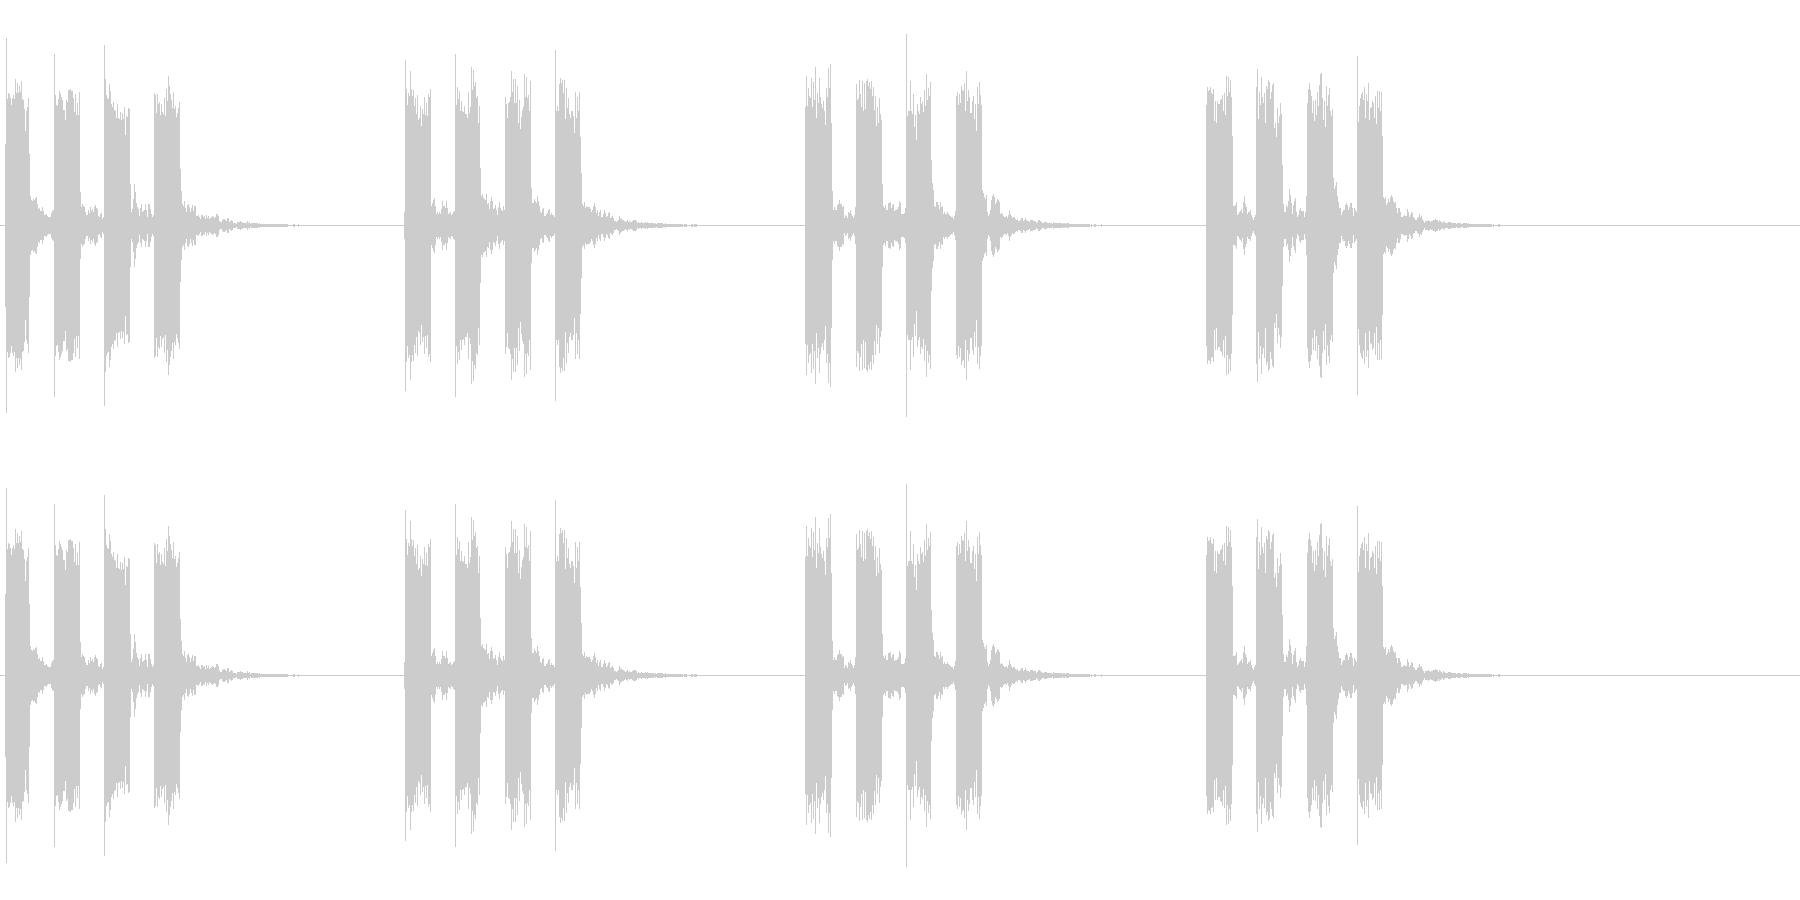 タイマー音02の未再生の波形